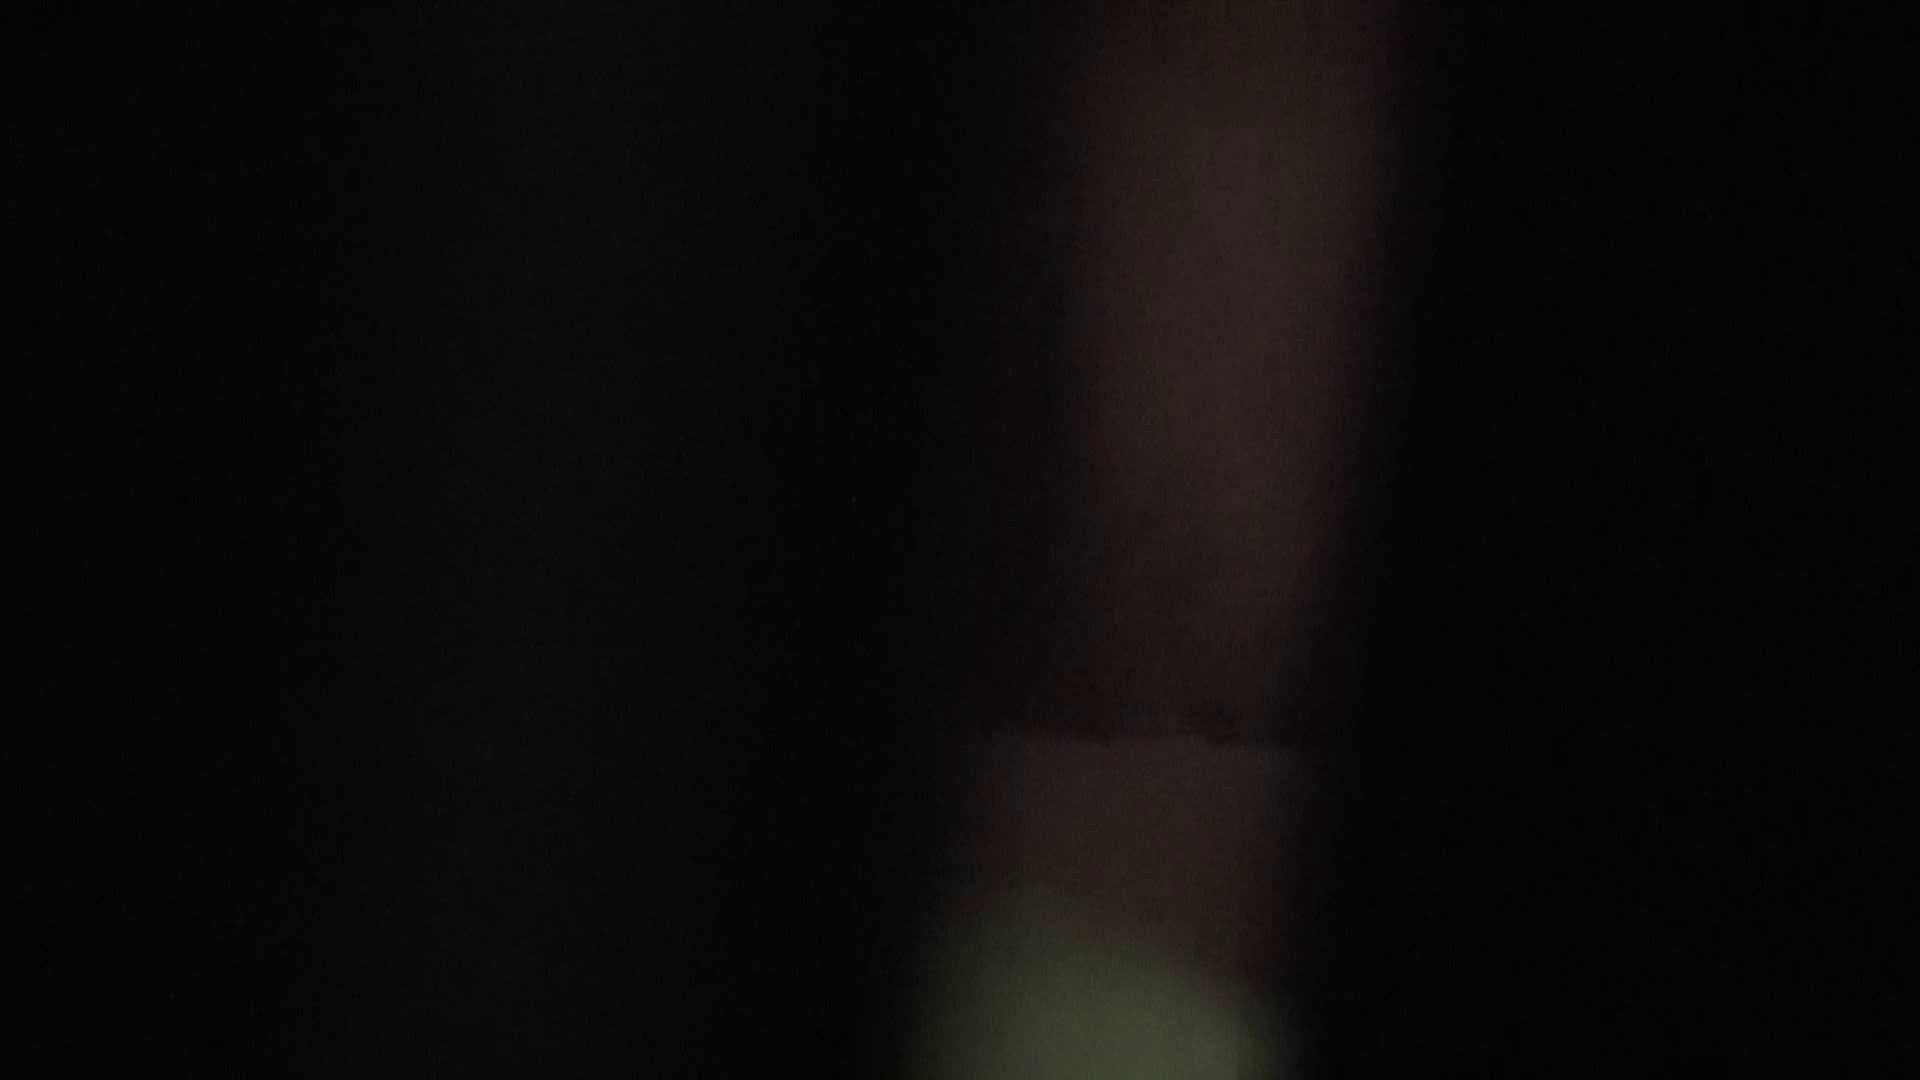 民家の騎士さんの最後の性戦ハイビジョン!!No.53 プライベート AV無料動画キャプチャ 98画像 35